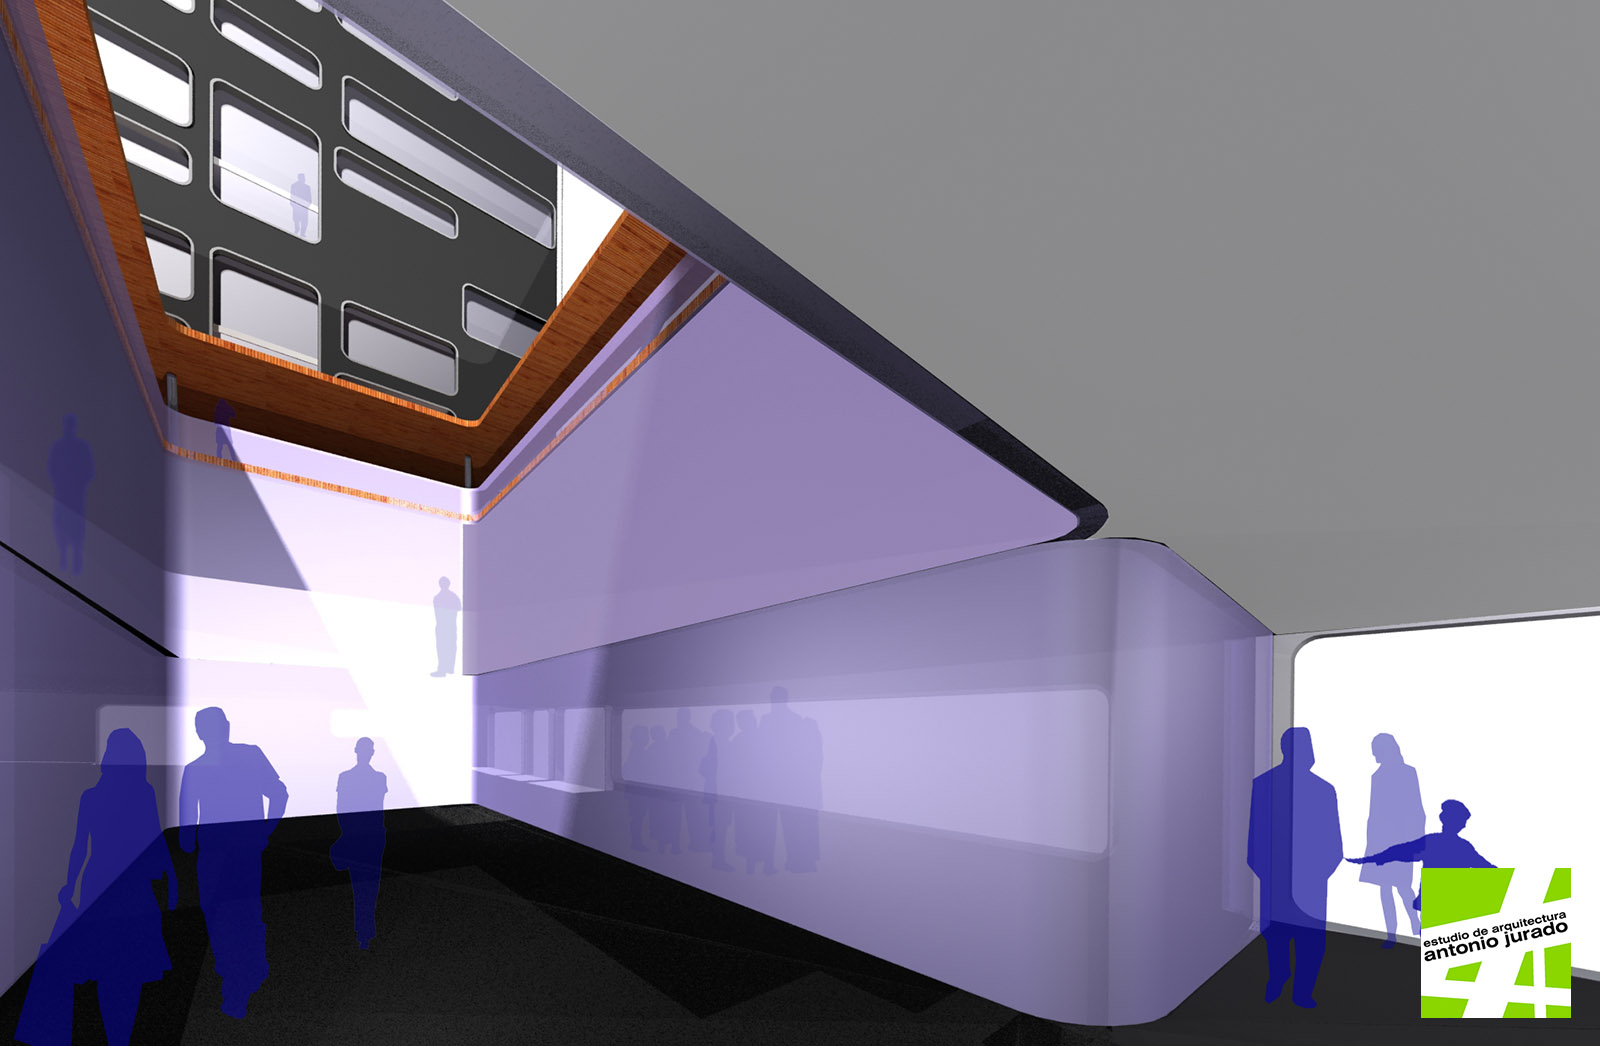 Edificio de viviendas y oficinas zaragoza estudio de for Oficina correos marbella